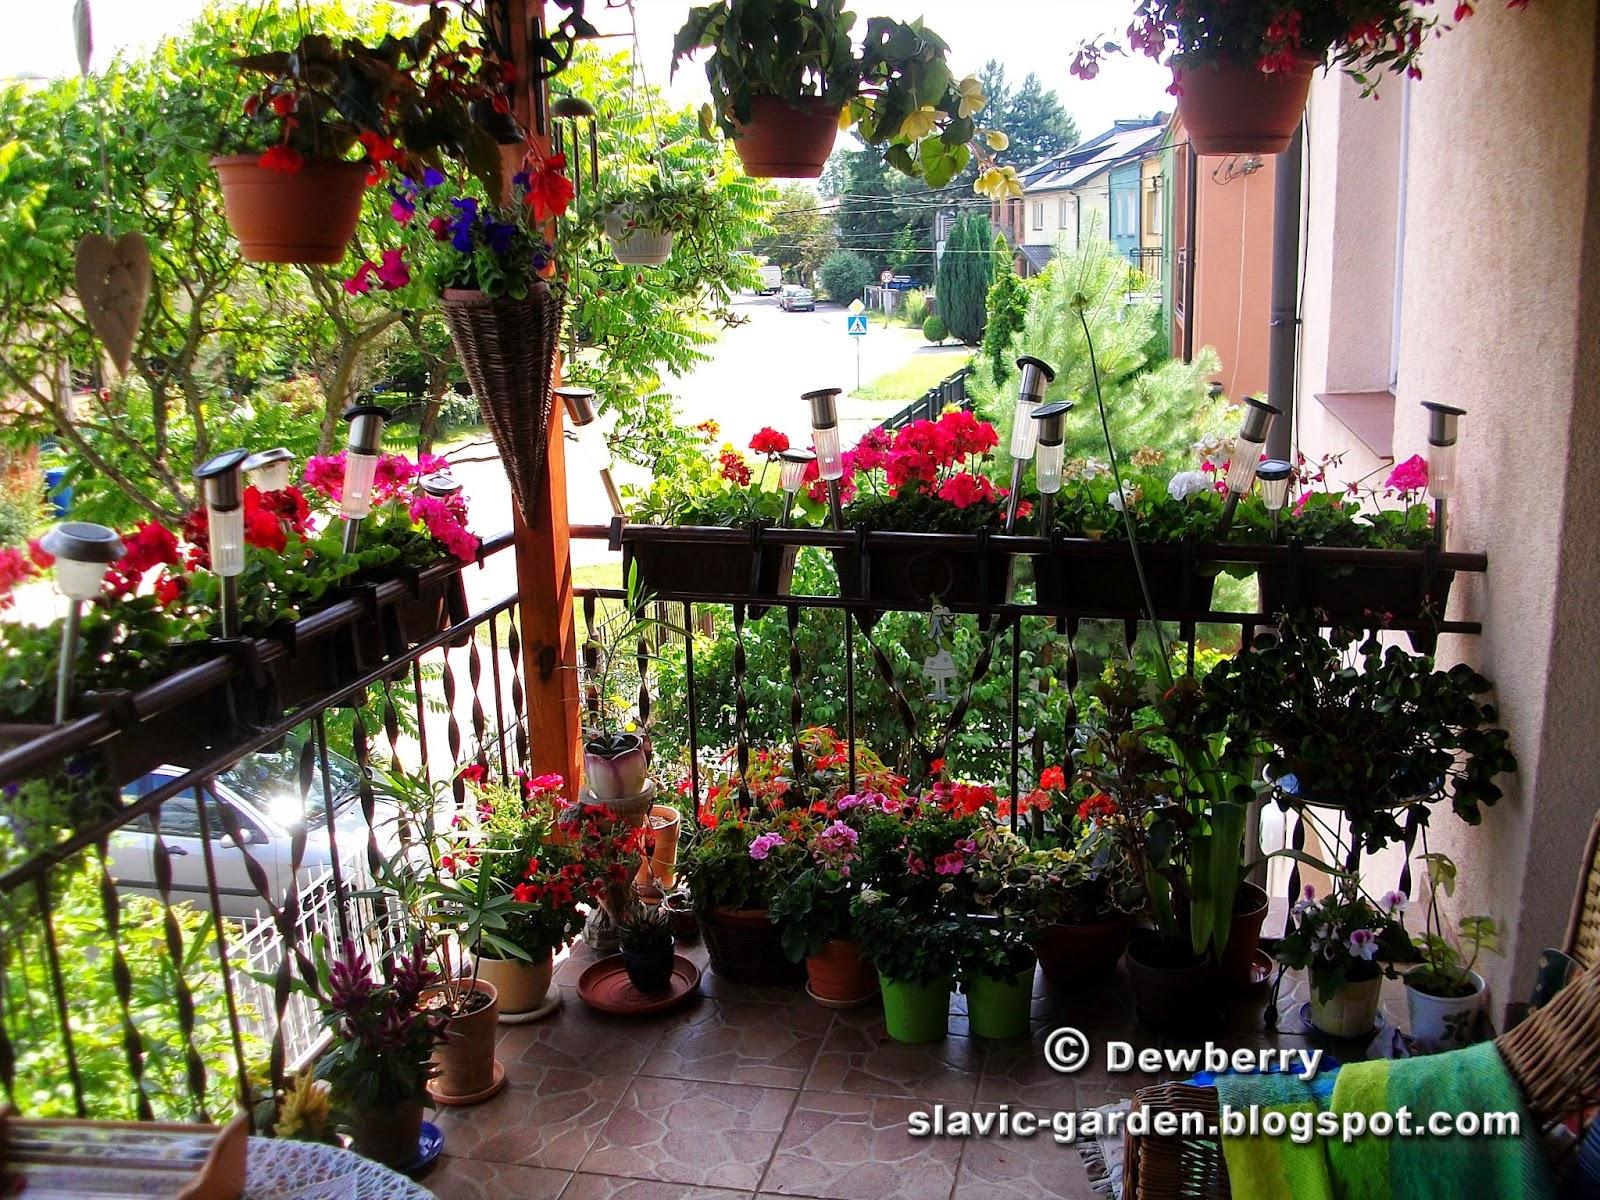 Apartment balcony garden: apartment balcony vegetable garden ...